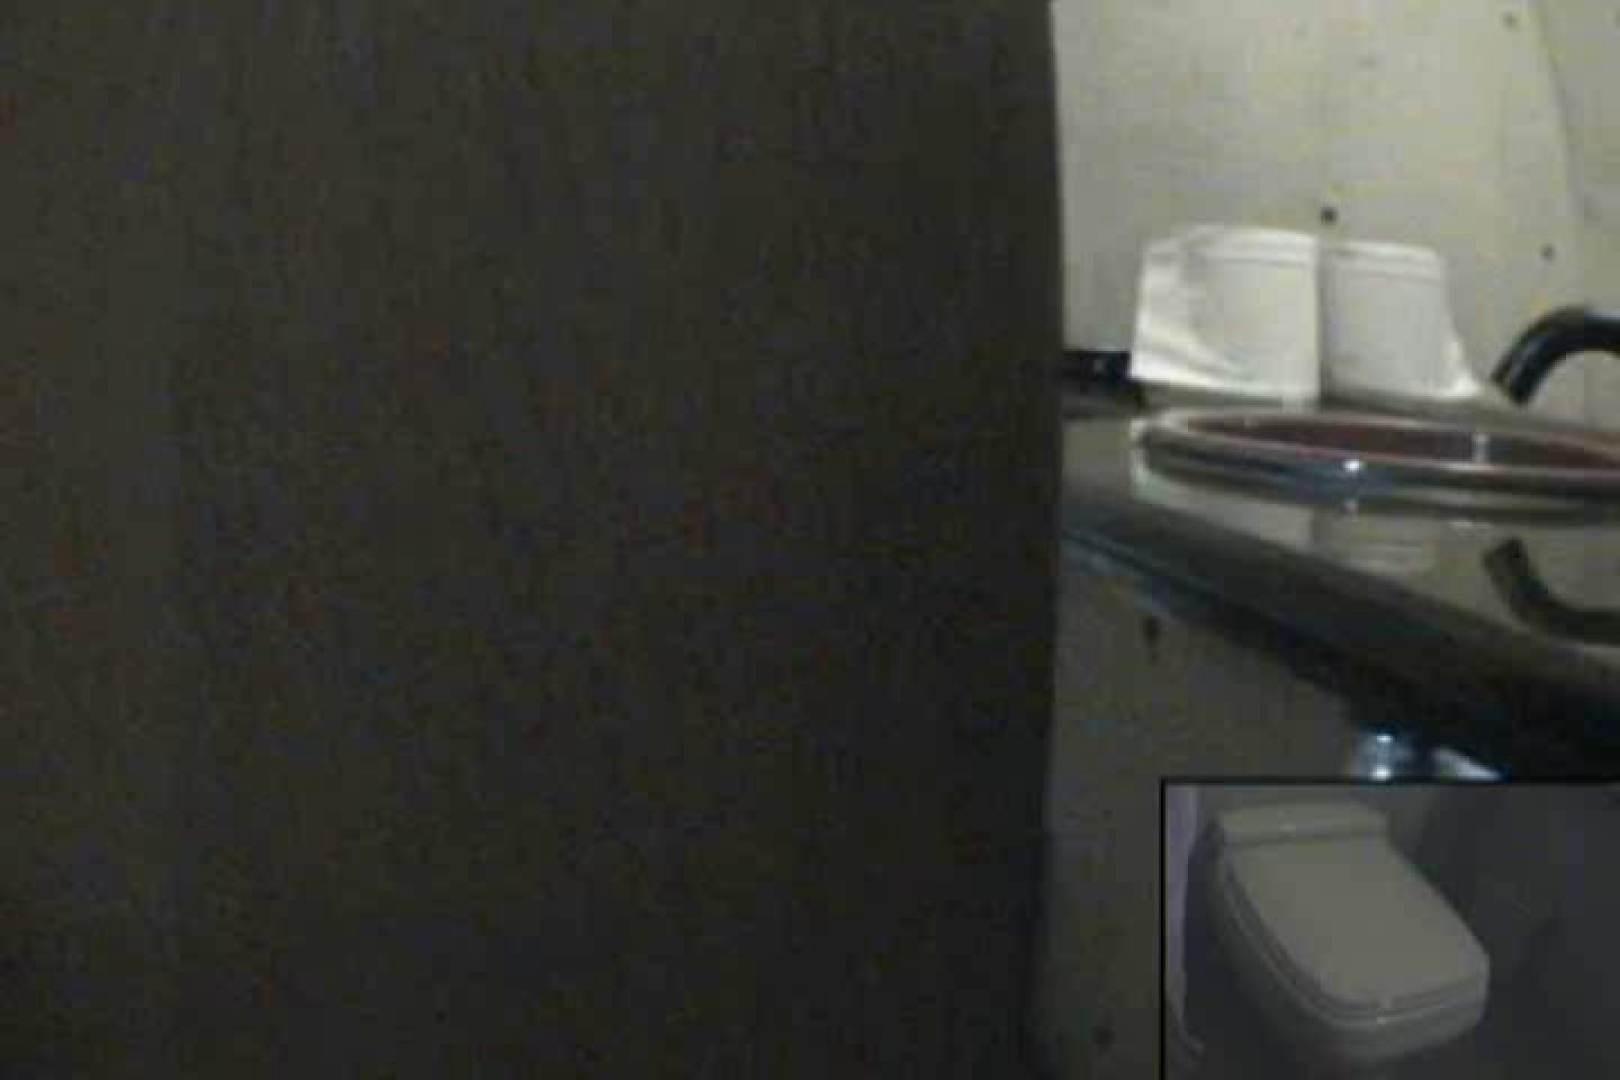 キャバ嬢は仕事の合間でもオナニーします!!Vol.10 キャバ嬢 オメコ無修正動画無料 96連発 77